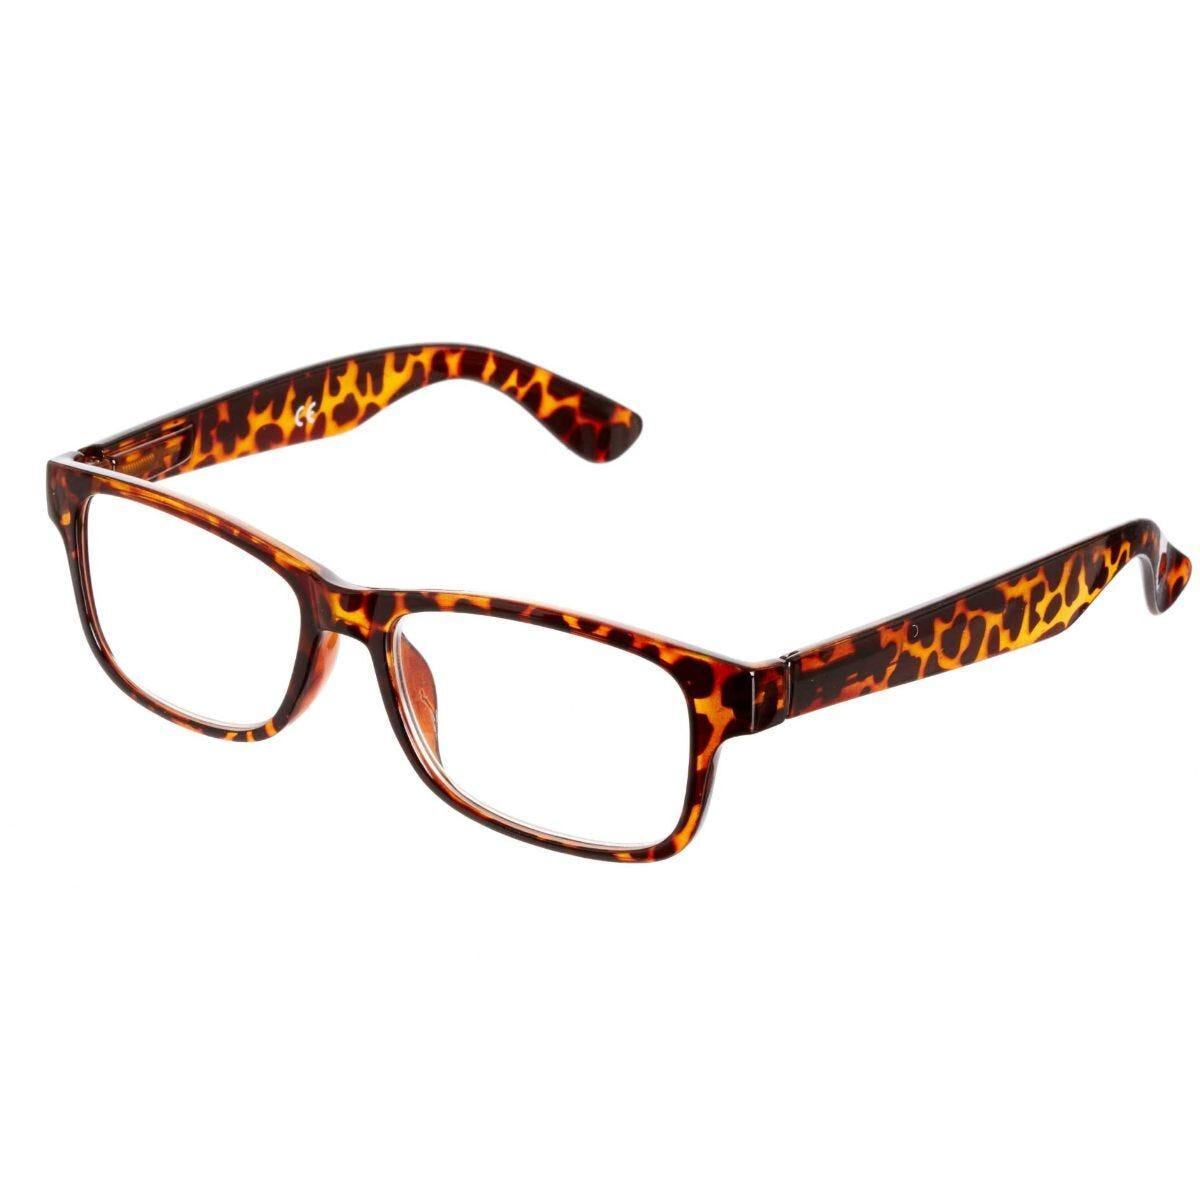 Ryman Reading Glasses + 2.5 Tortoise Shell Frame